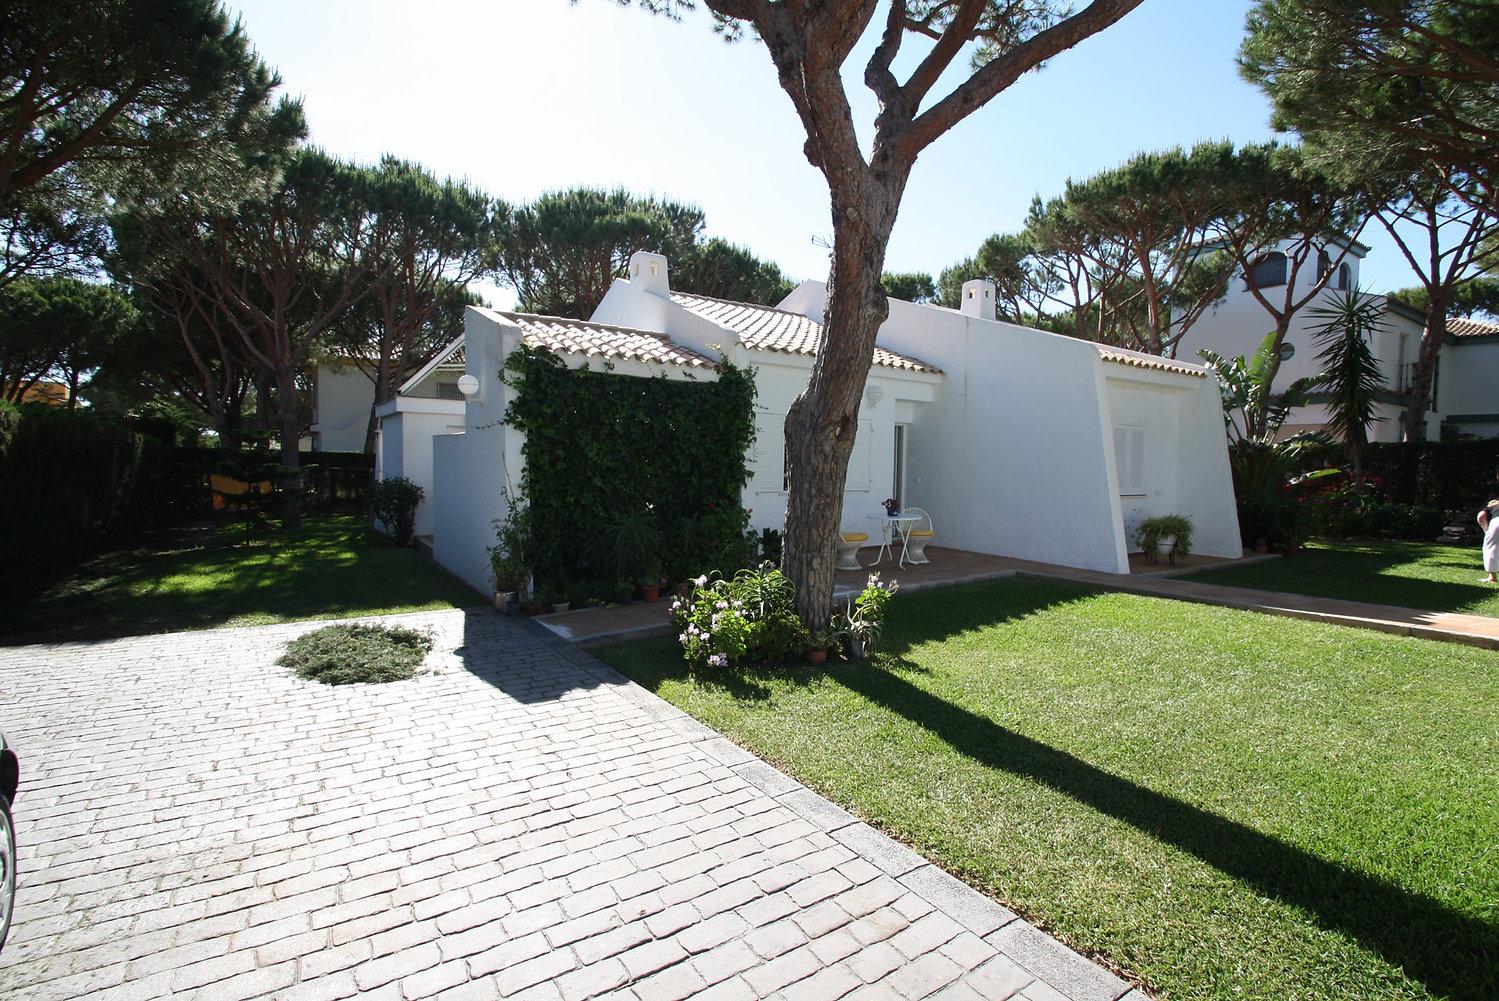 parking-house-garden-trees-refv80.JPG